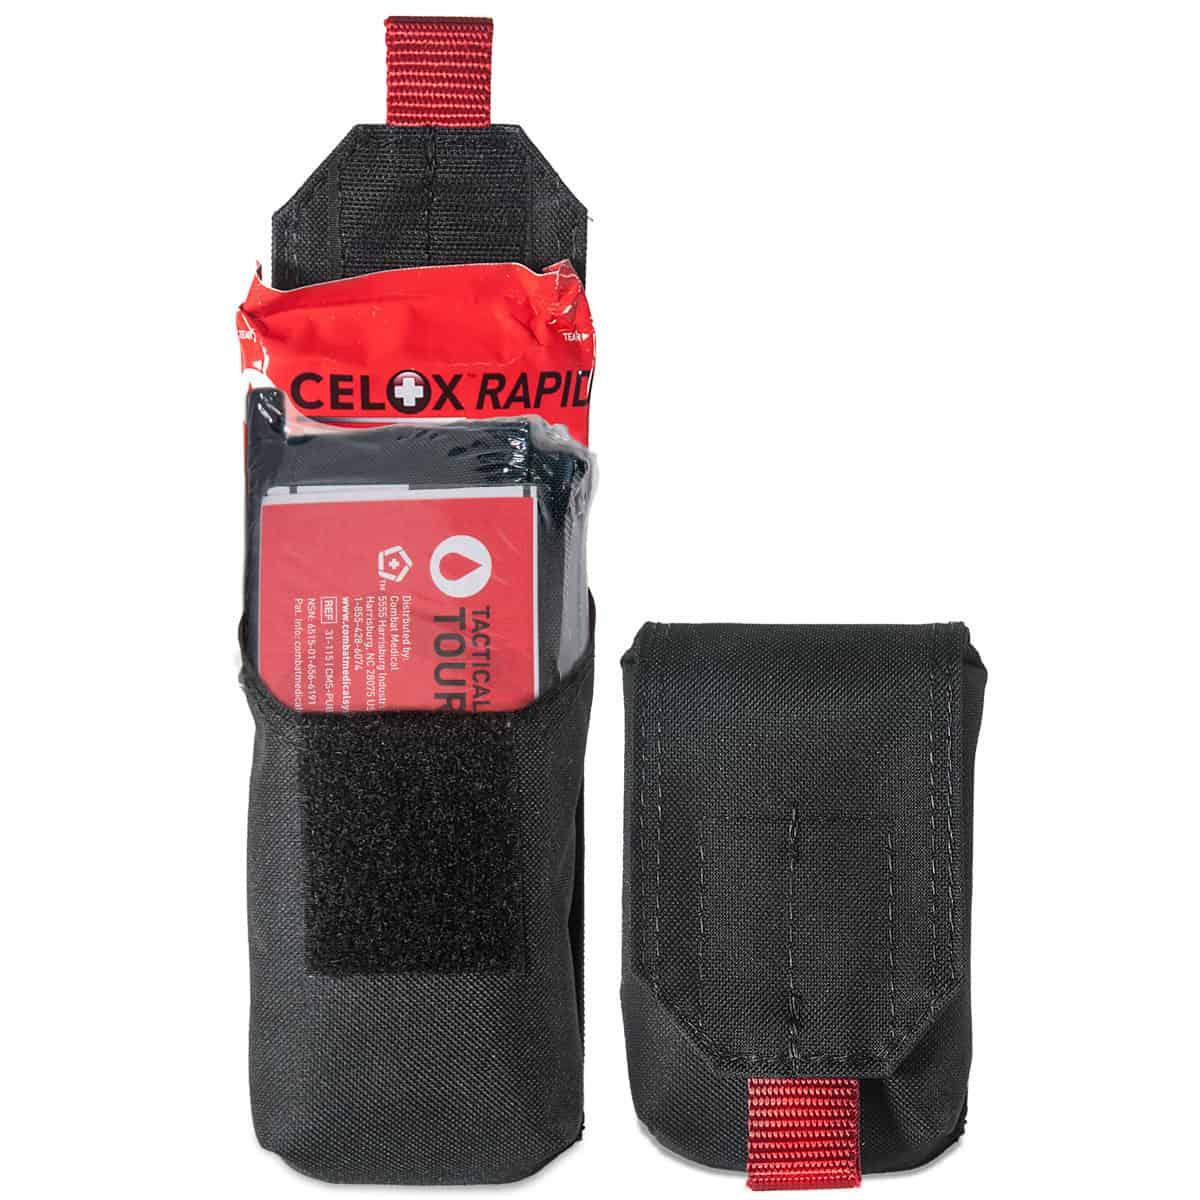 mojo belt bleeder kit holster intermediate